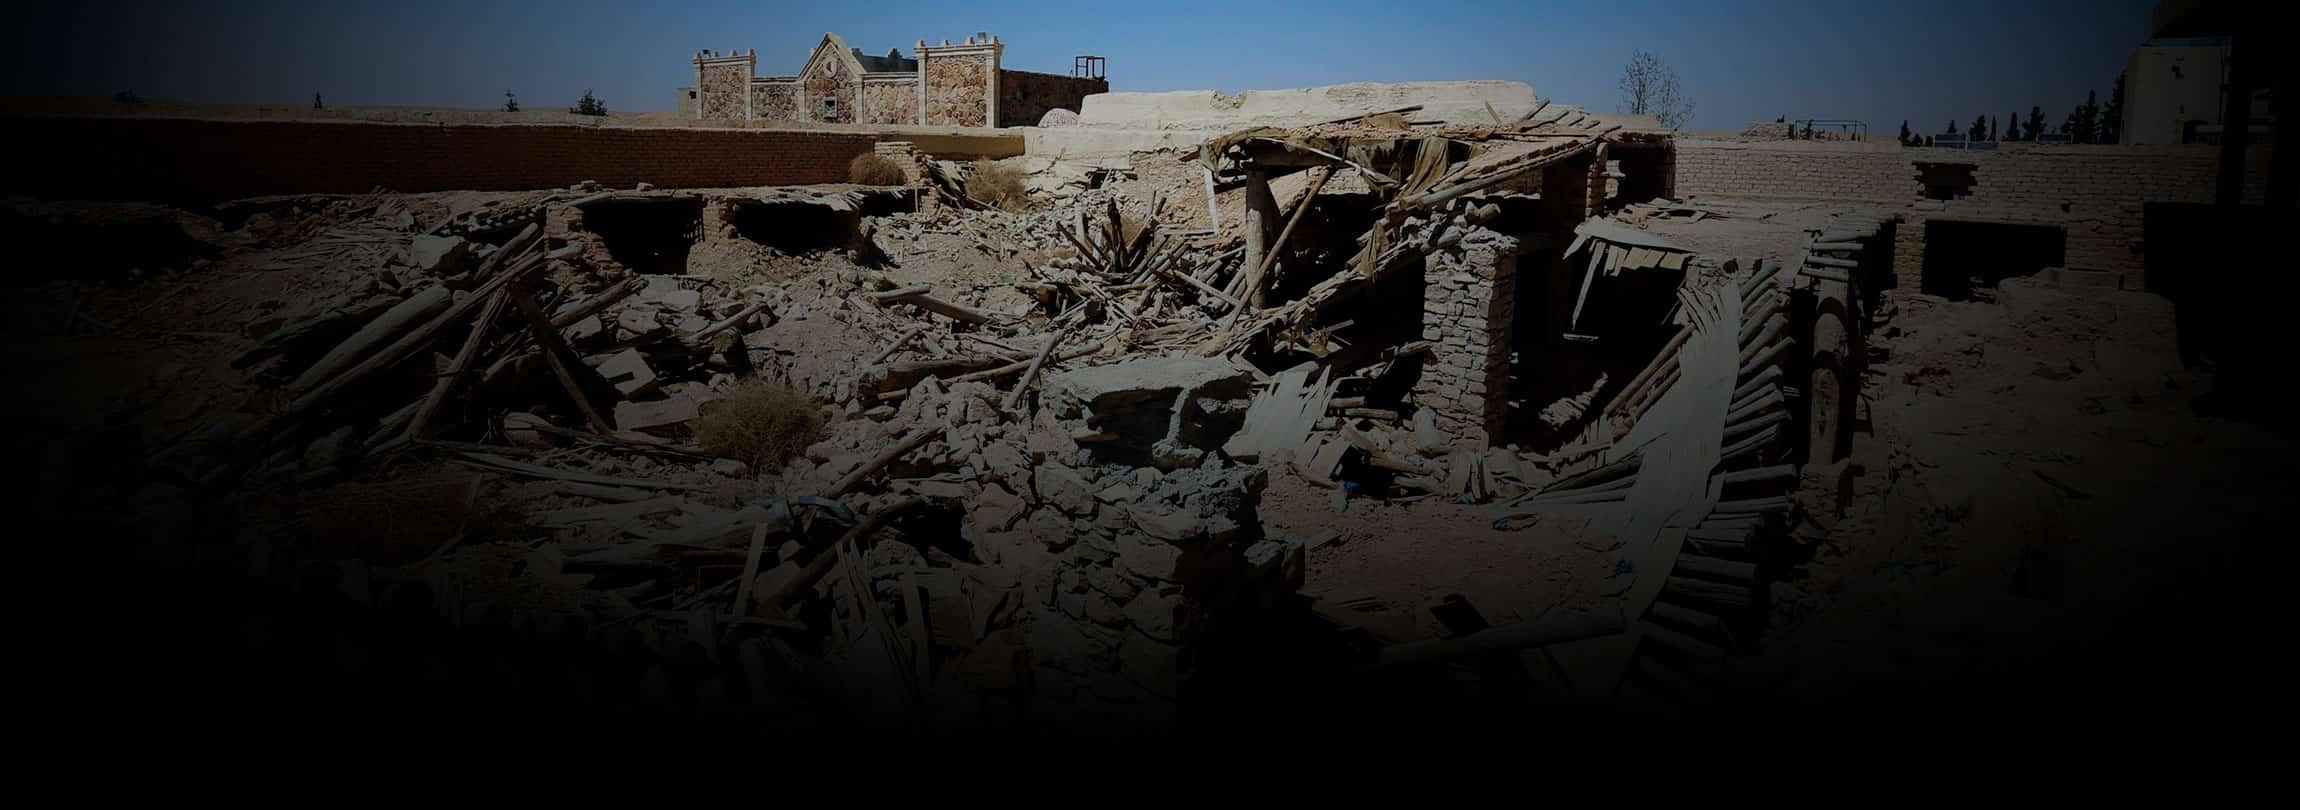 Mosteiro destruído por ISIS na Síria abrigava relíquias dos primeiros séculos da Igreja